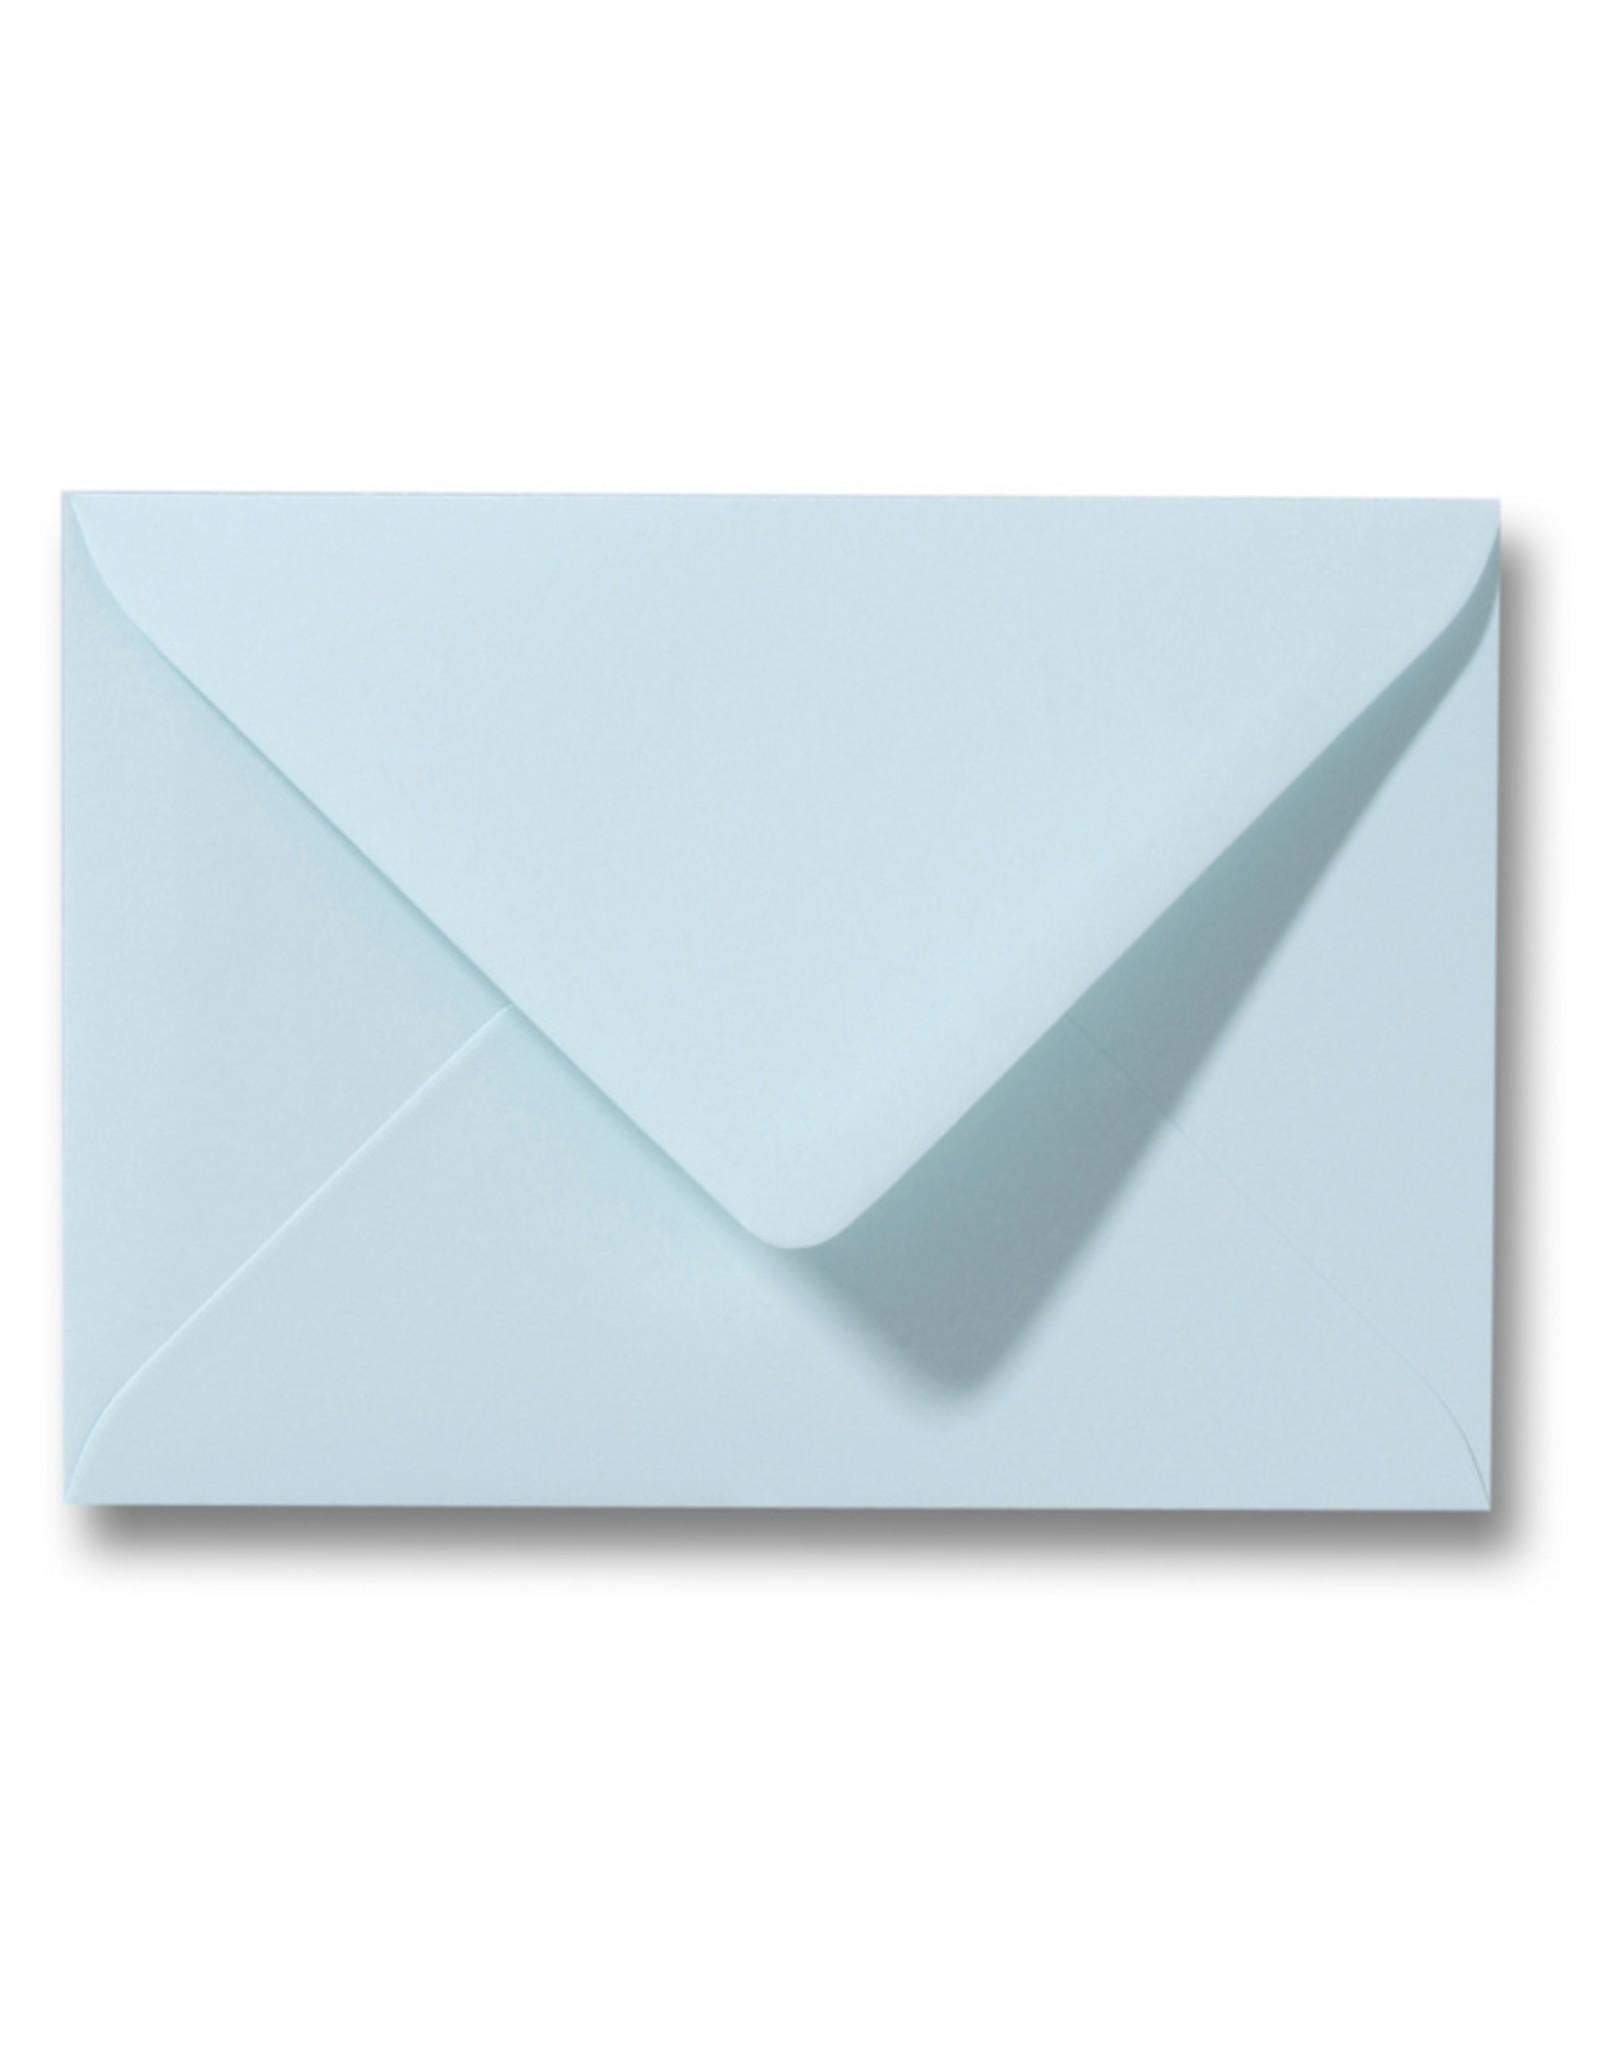 www.Robin.cards Blanco effen envelop Lichtblauw